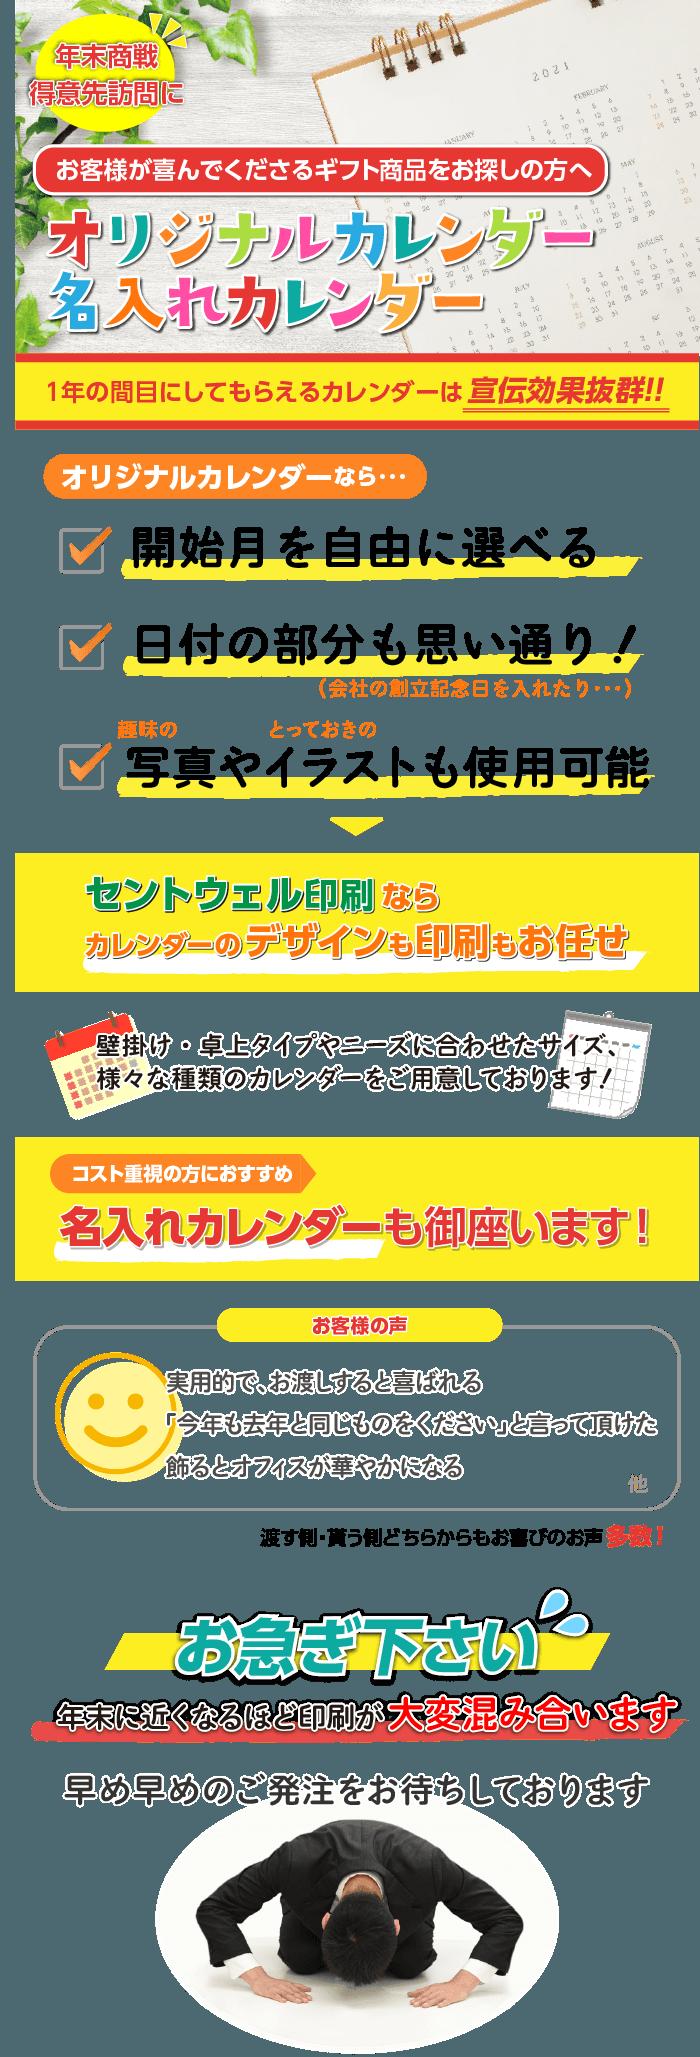 カレンダーを大阪で印刷するなら大阪 北区 梅田のセントウェル印刷株式会社